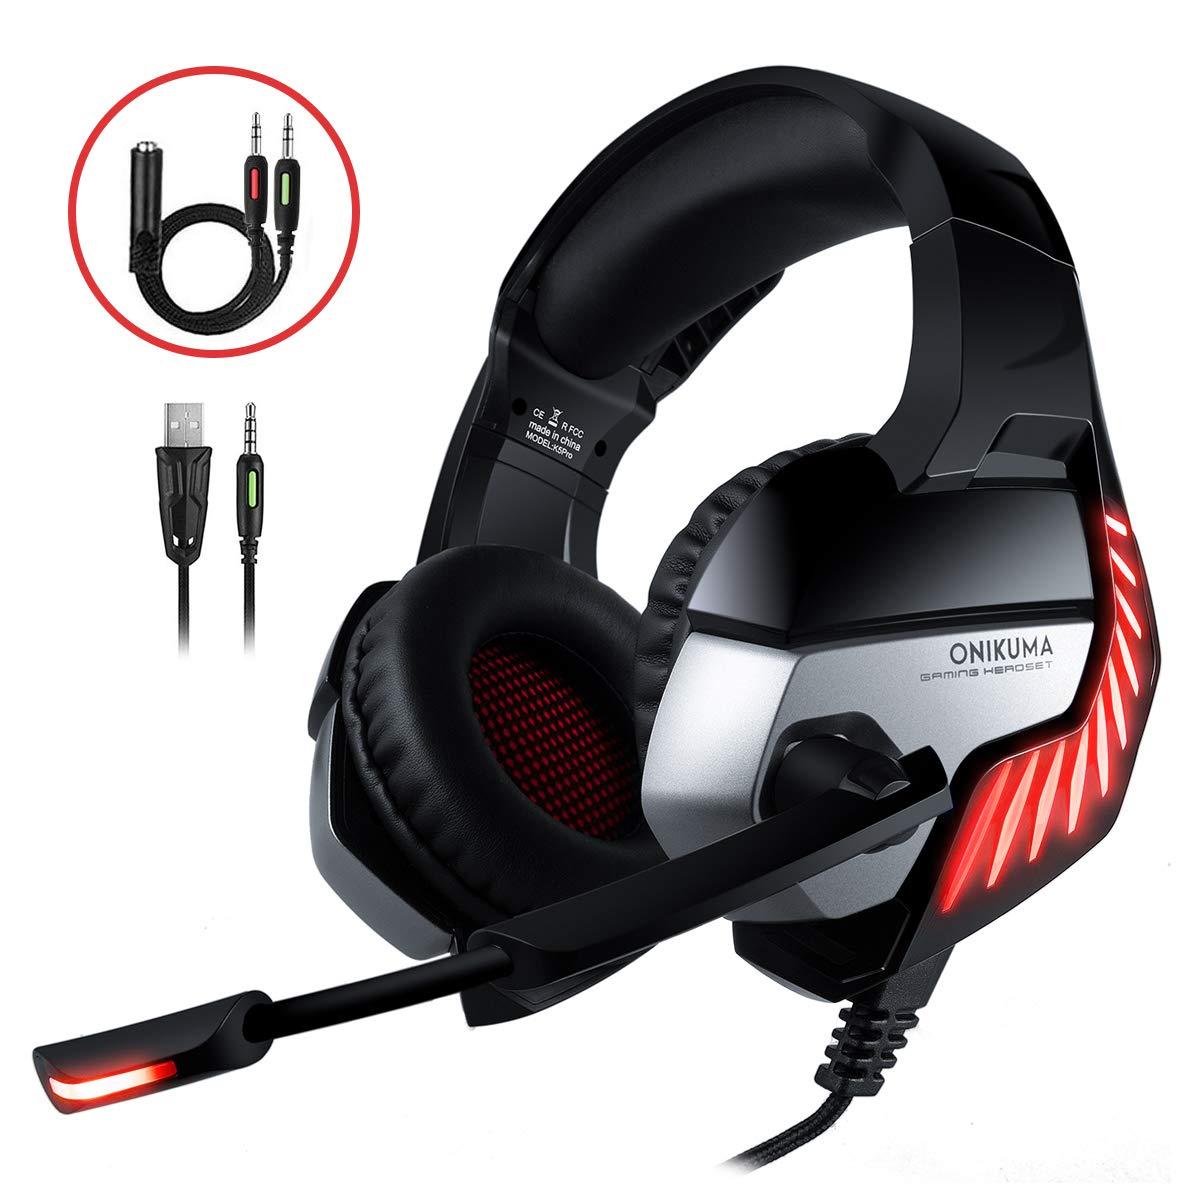 CHEREEKI Cascos Gaming Cascos para Juegos PS4, PC, Xbox One Auriculares Gaming Estéreo Ajustable Gaming con Micrófono y Control de Volumen, Bass Surround y Cancelación de Ruido (Rojo): Amazon.es: Electrónica